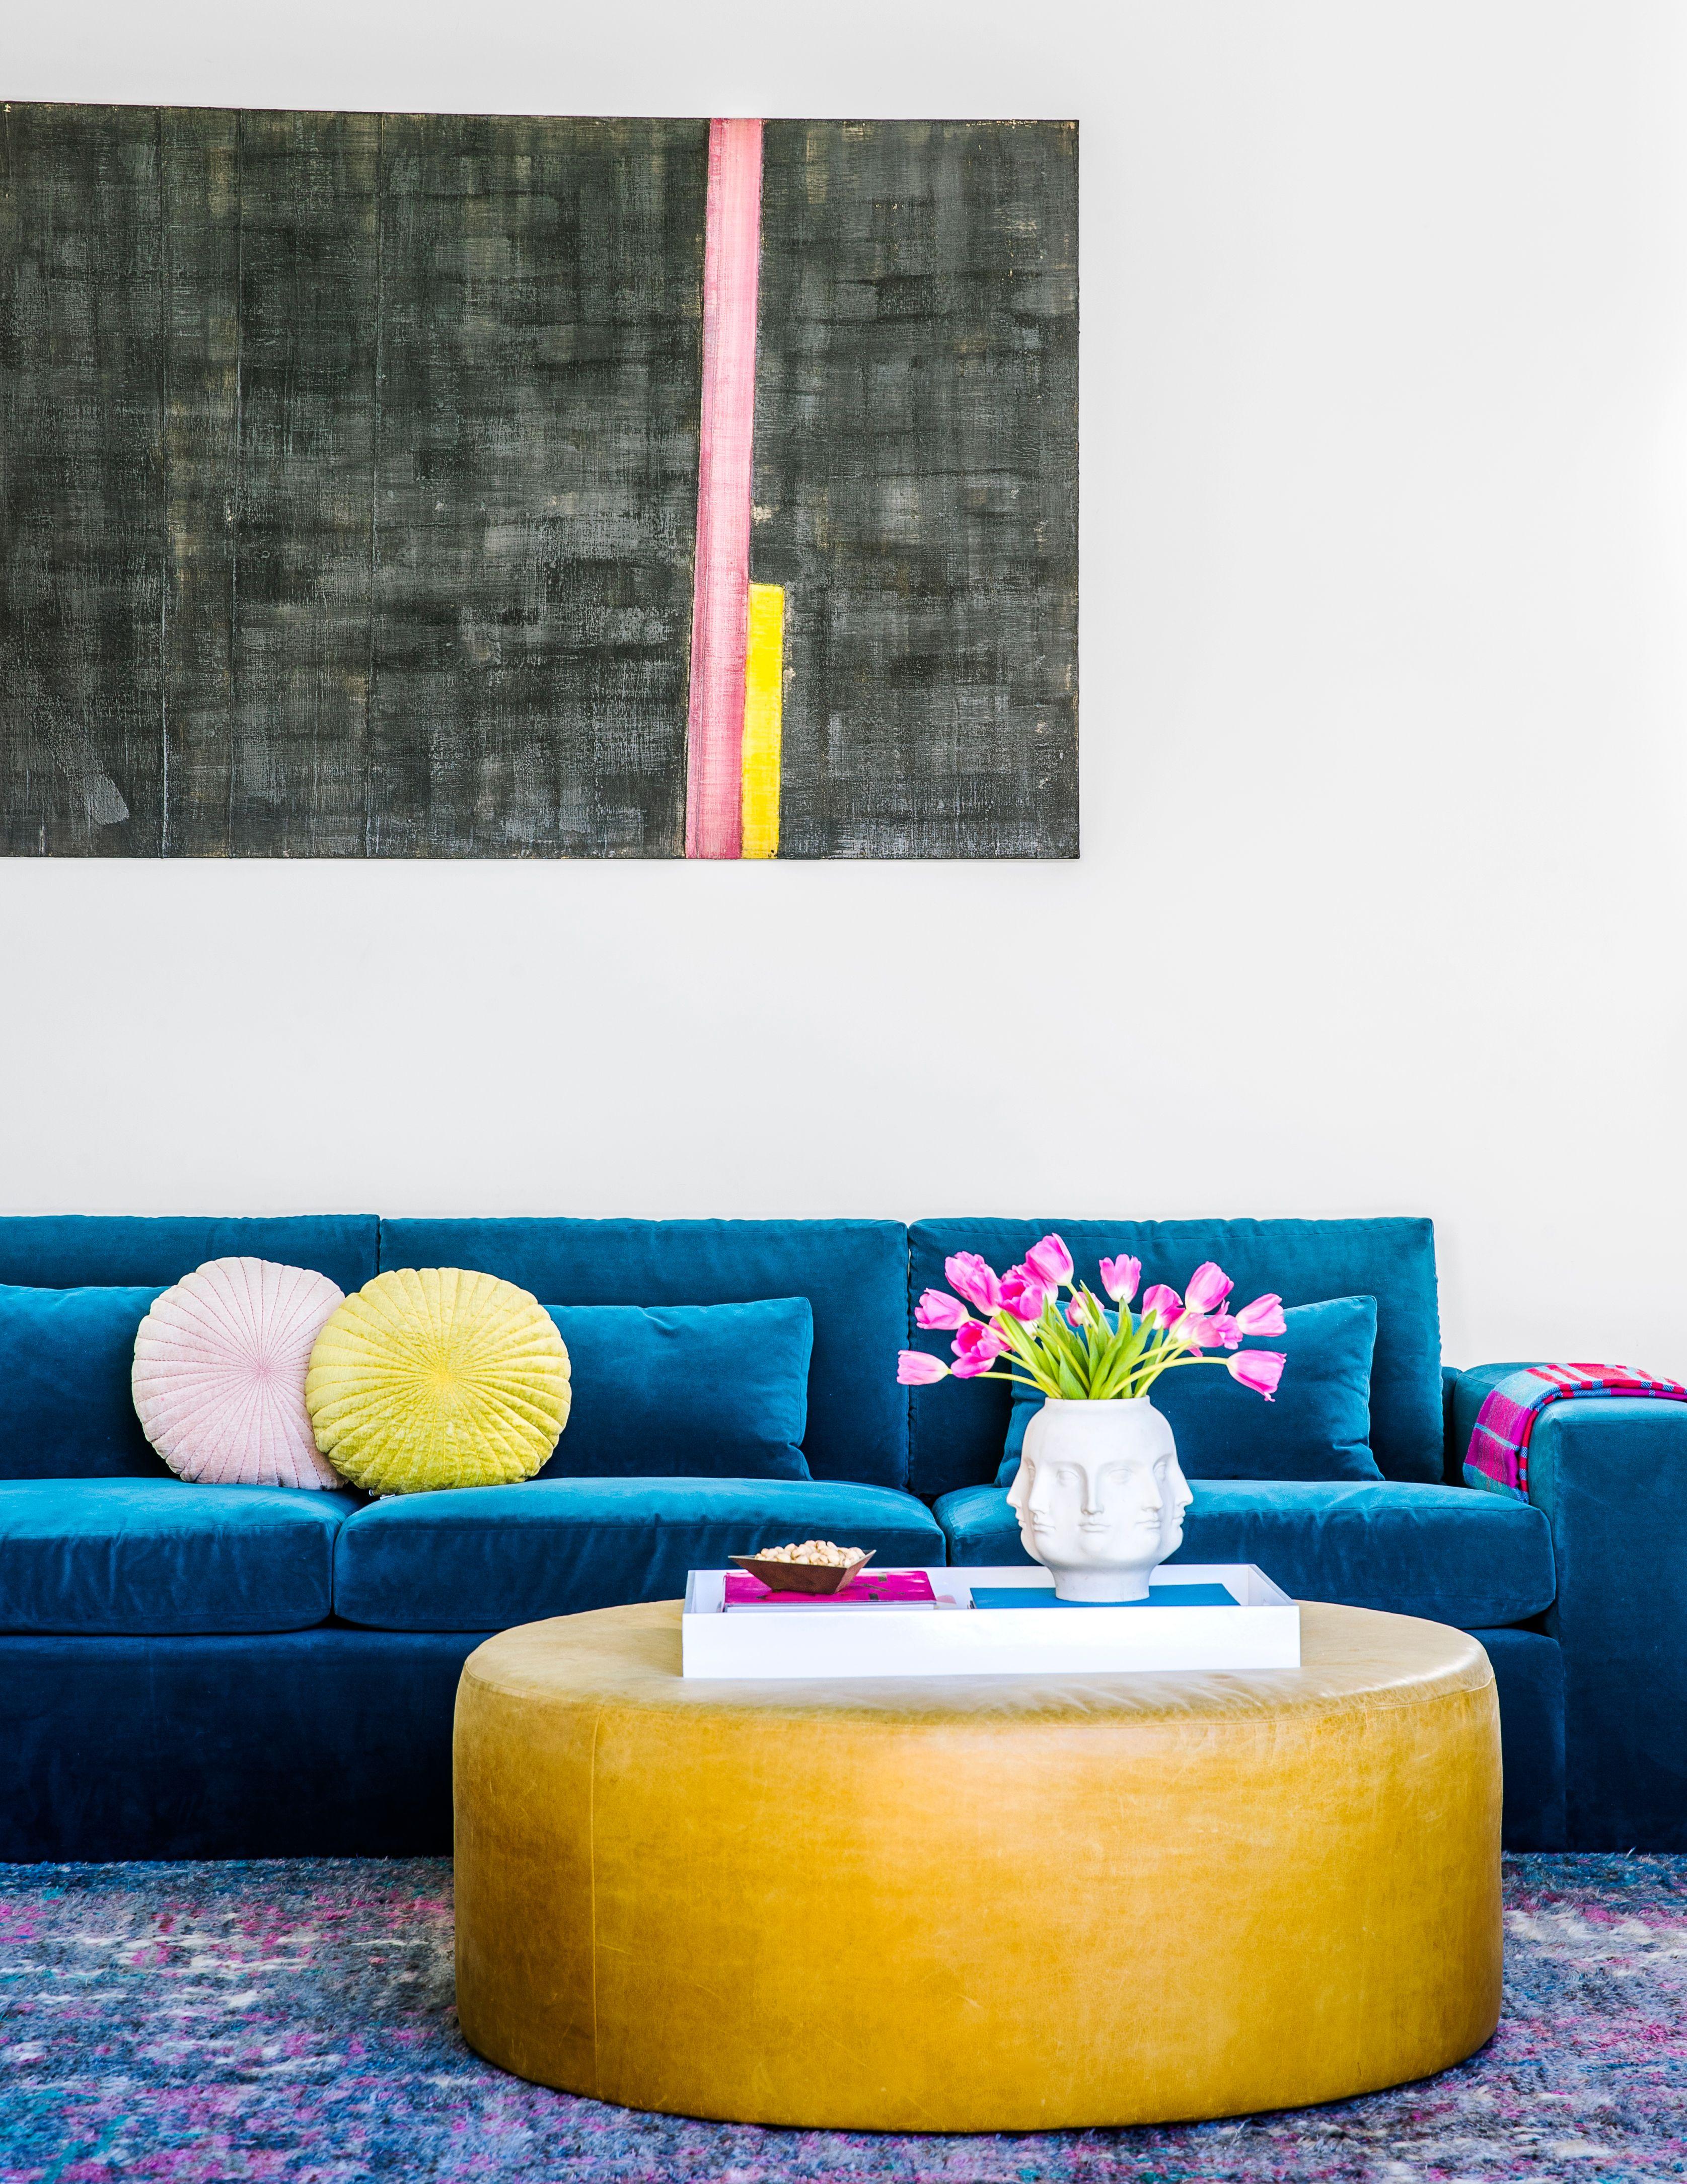 Decorate Home Art Dream